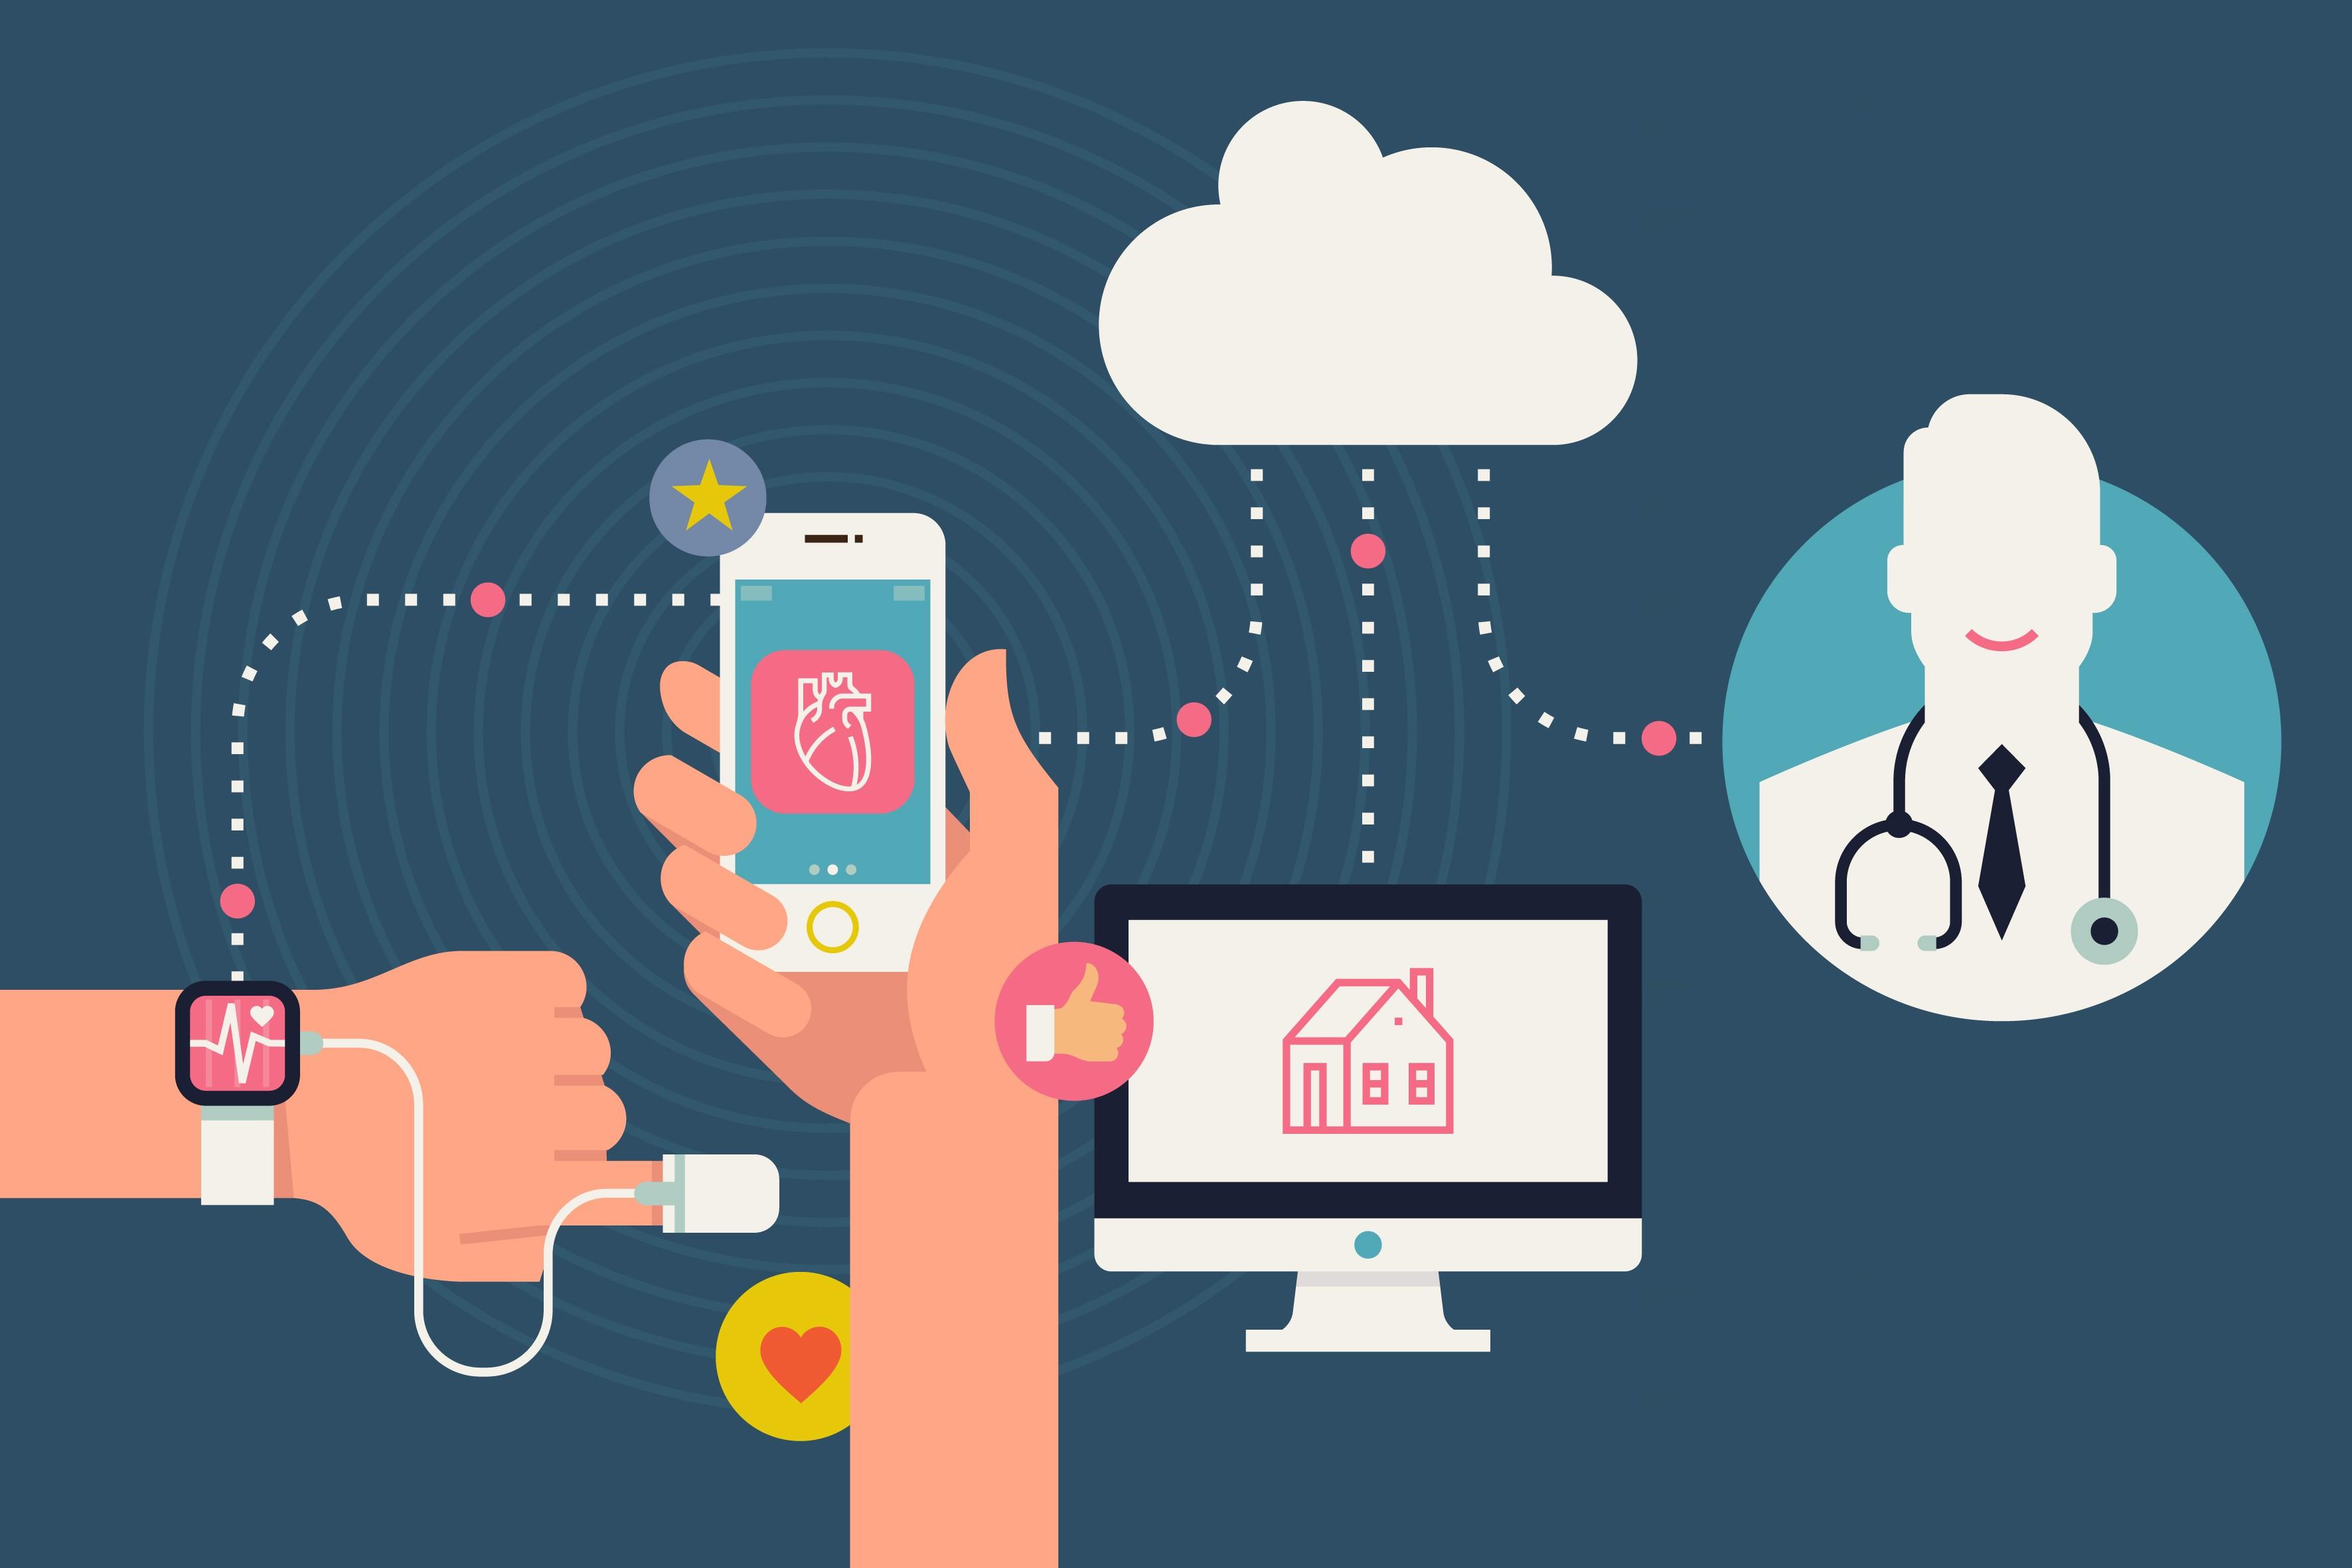 image003 2 - Công nghệ làm thay đổi cách chăm sóc sức khỏe